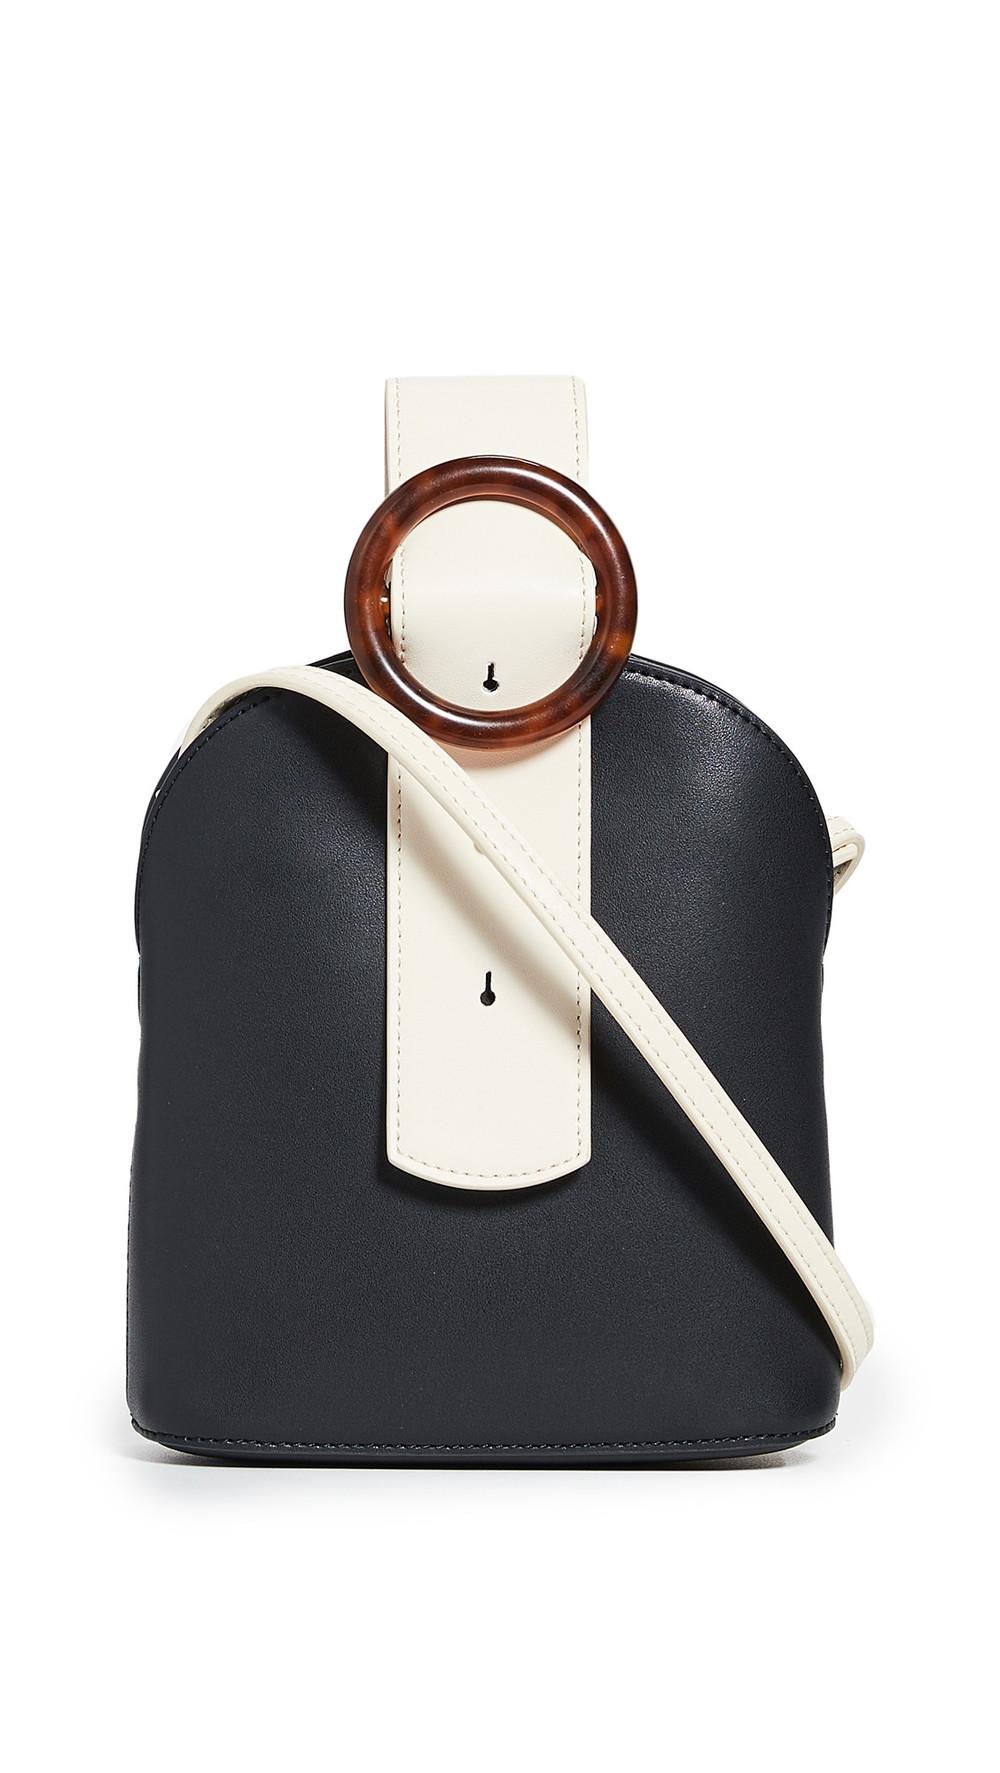 Parisa Wang Addicted Bracelet Bag in black / cream